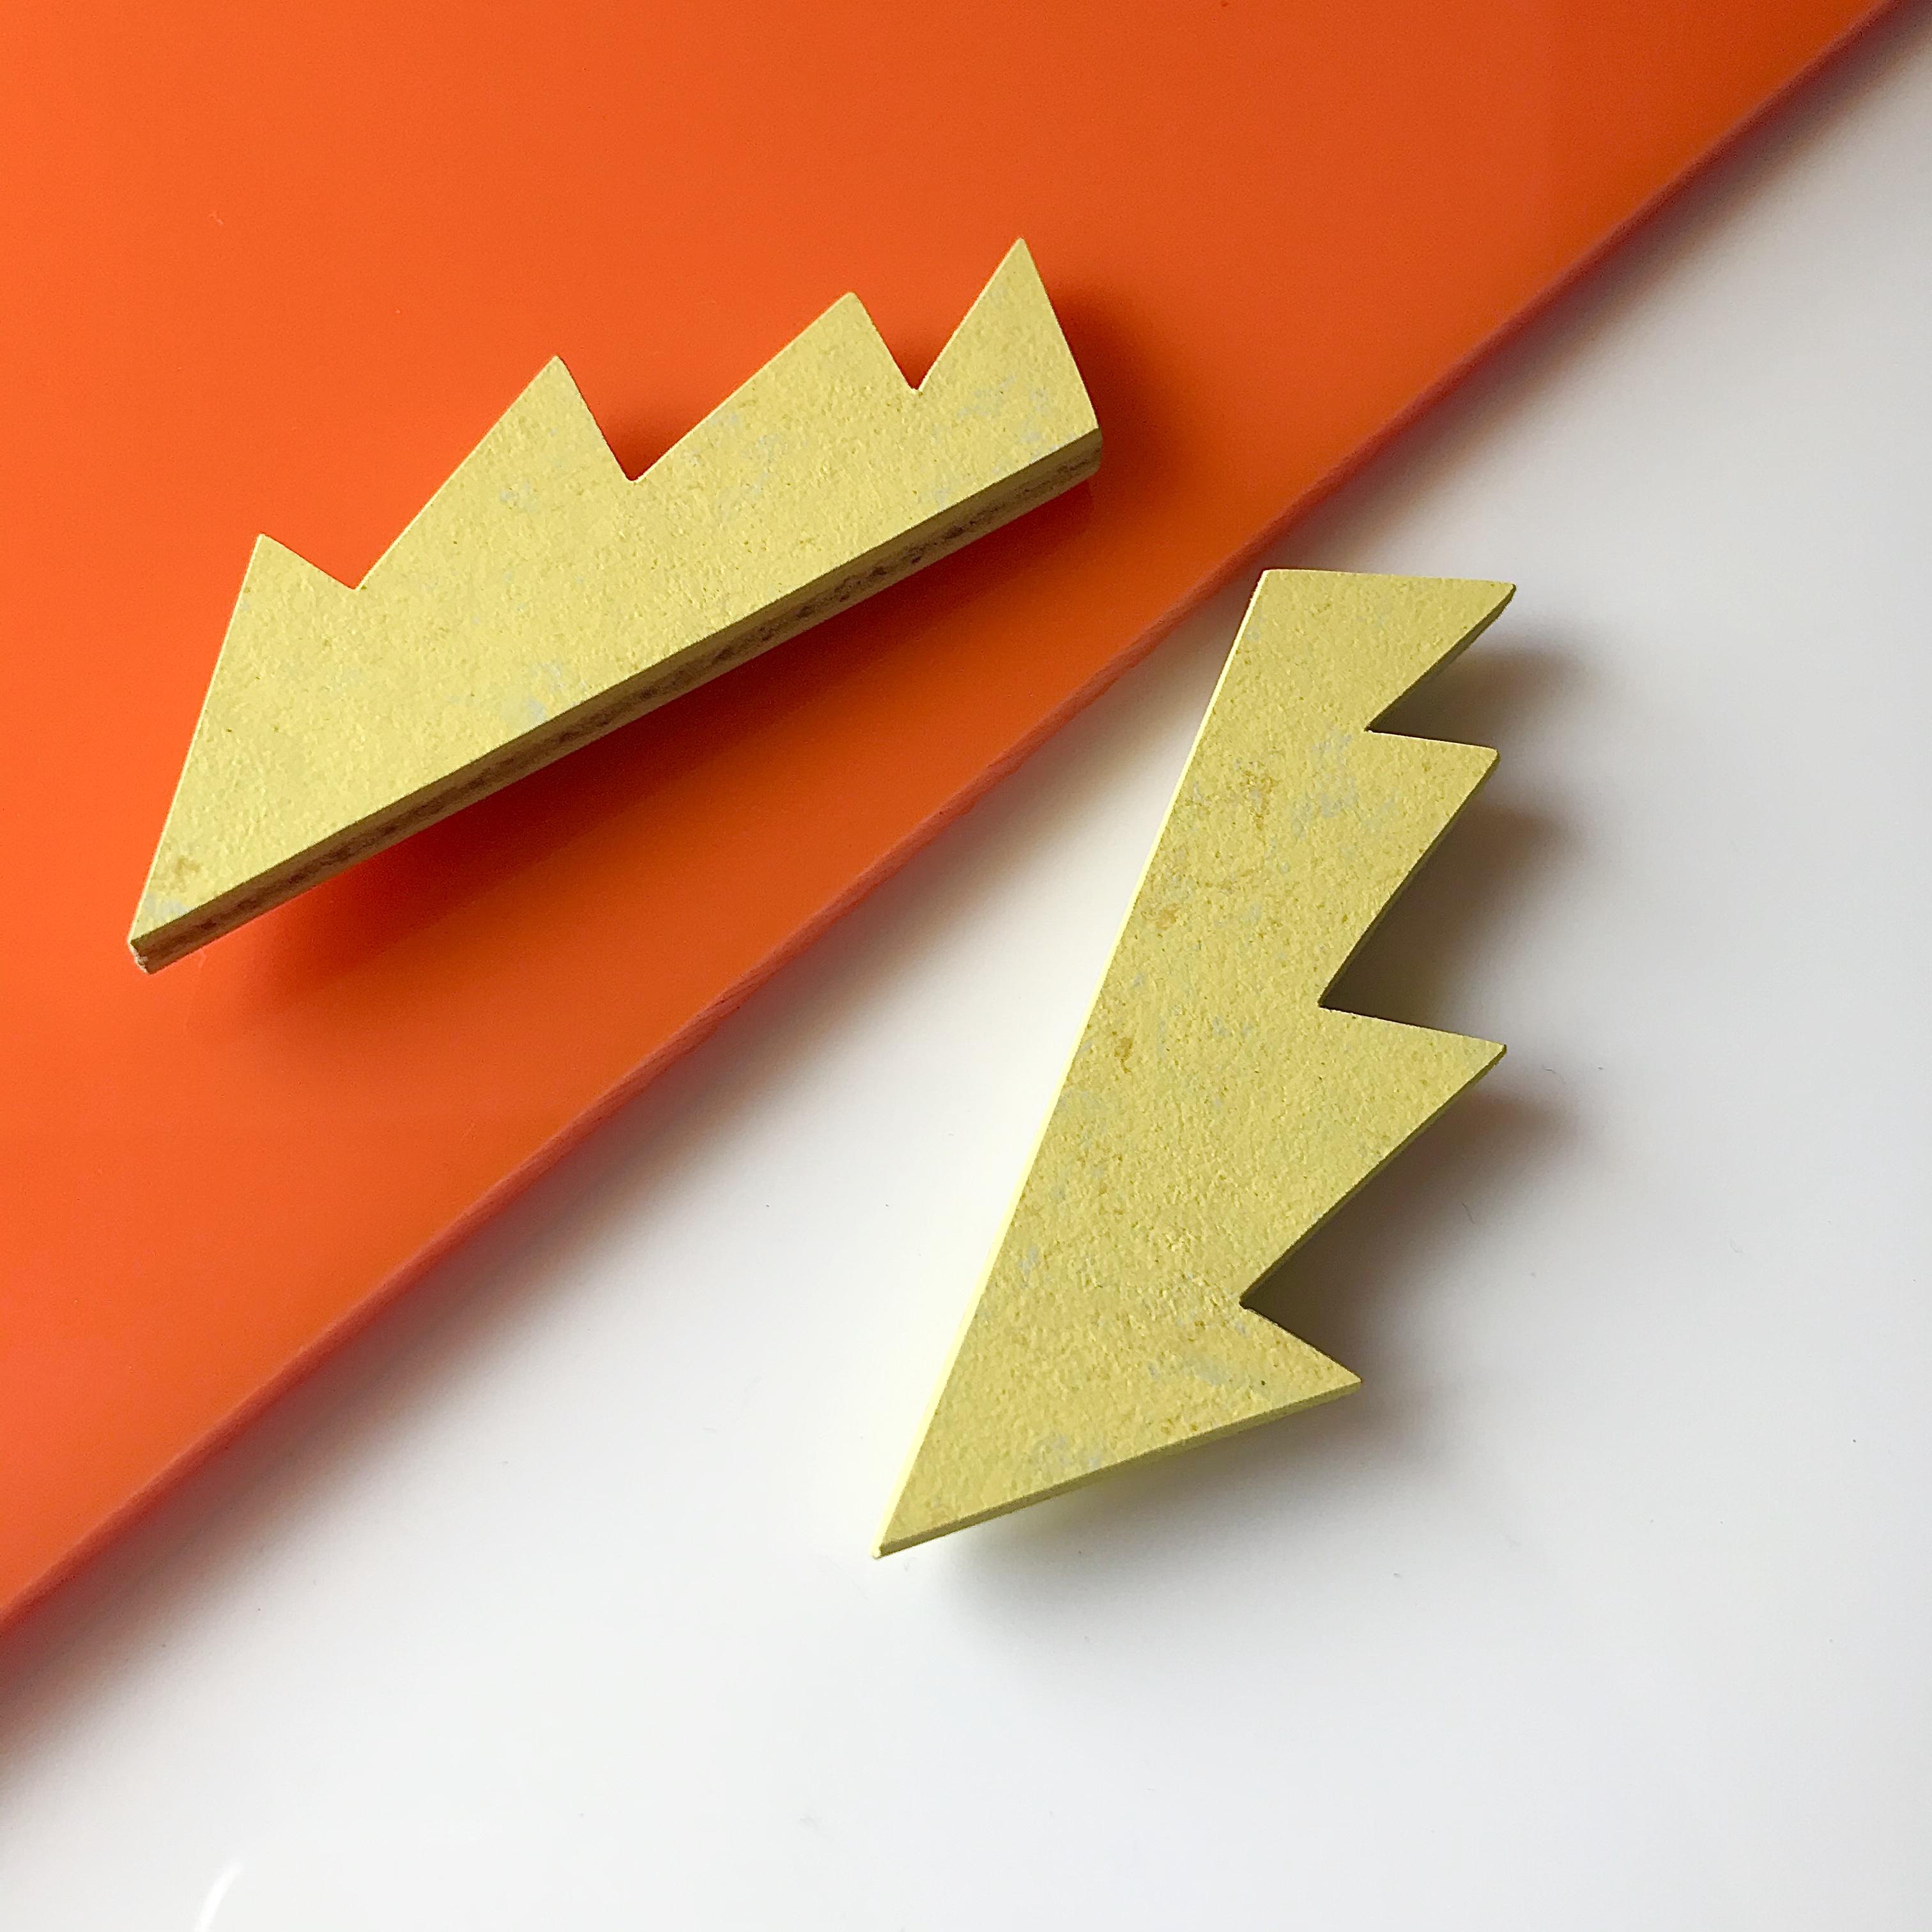 Roslyn Leitch - Spark brooch in Yellow Glow